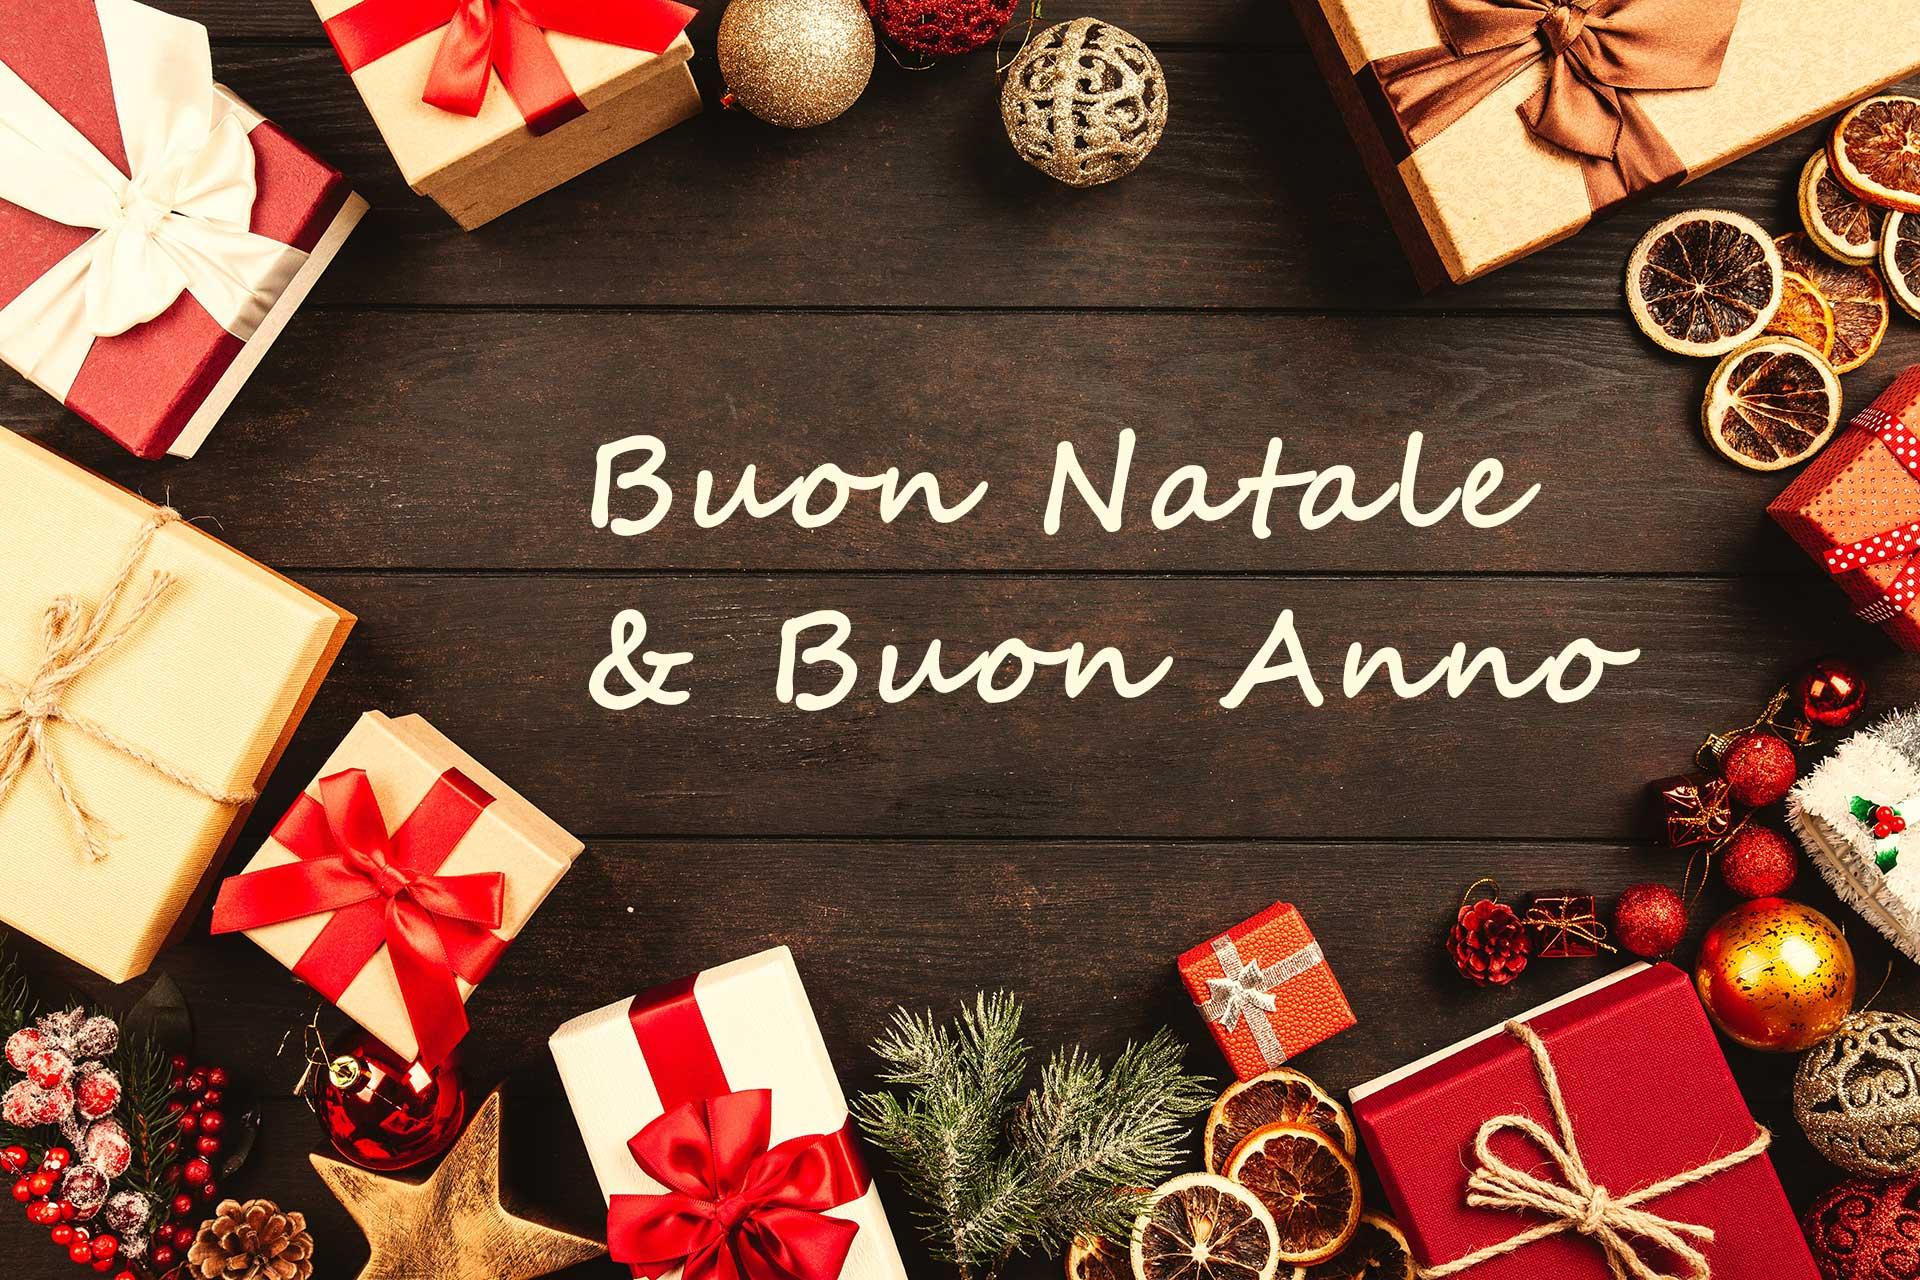 Buon-Natale-e-Felice-Anno-Nuovo-Arredamento-e-mobili-in-offerta-e-in-promozione-Lecco-Como-Monza-Brianza-Milano-Bergamo